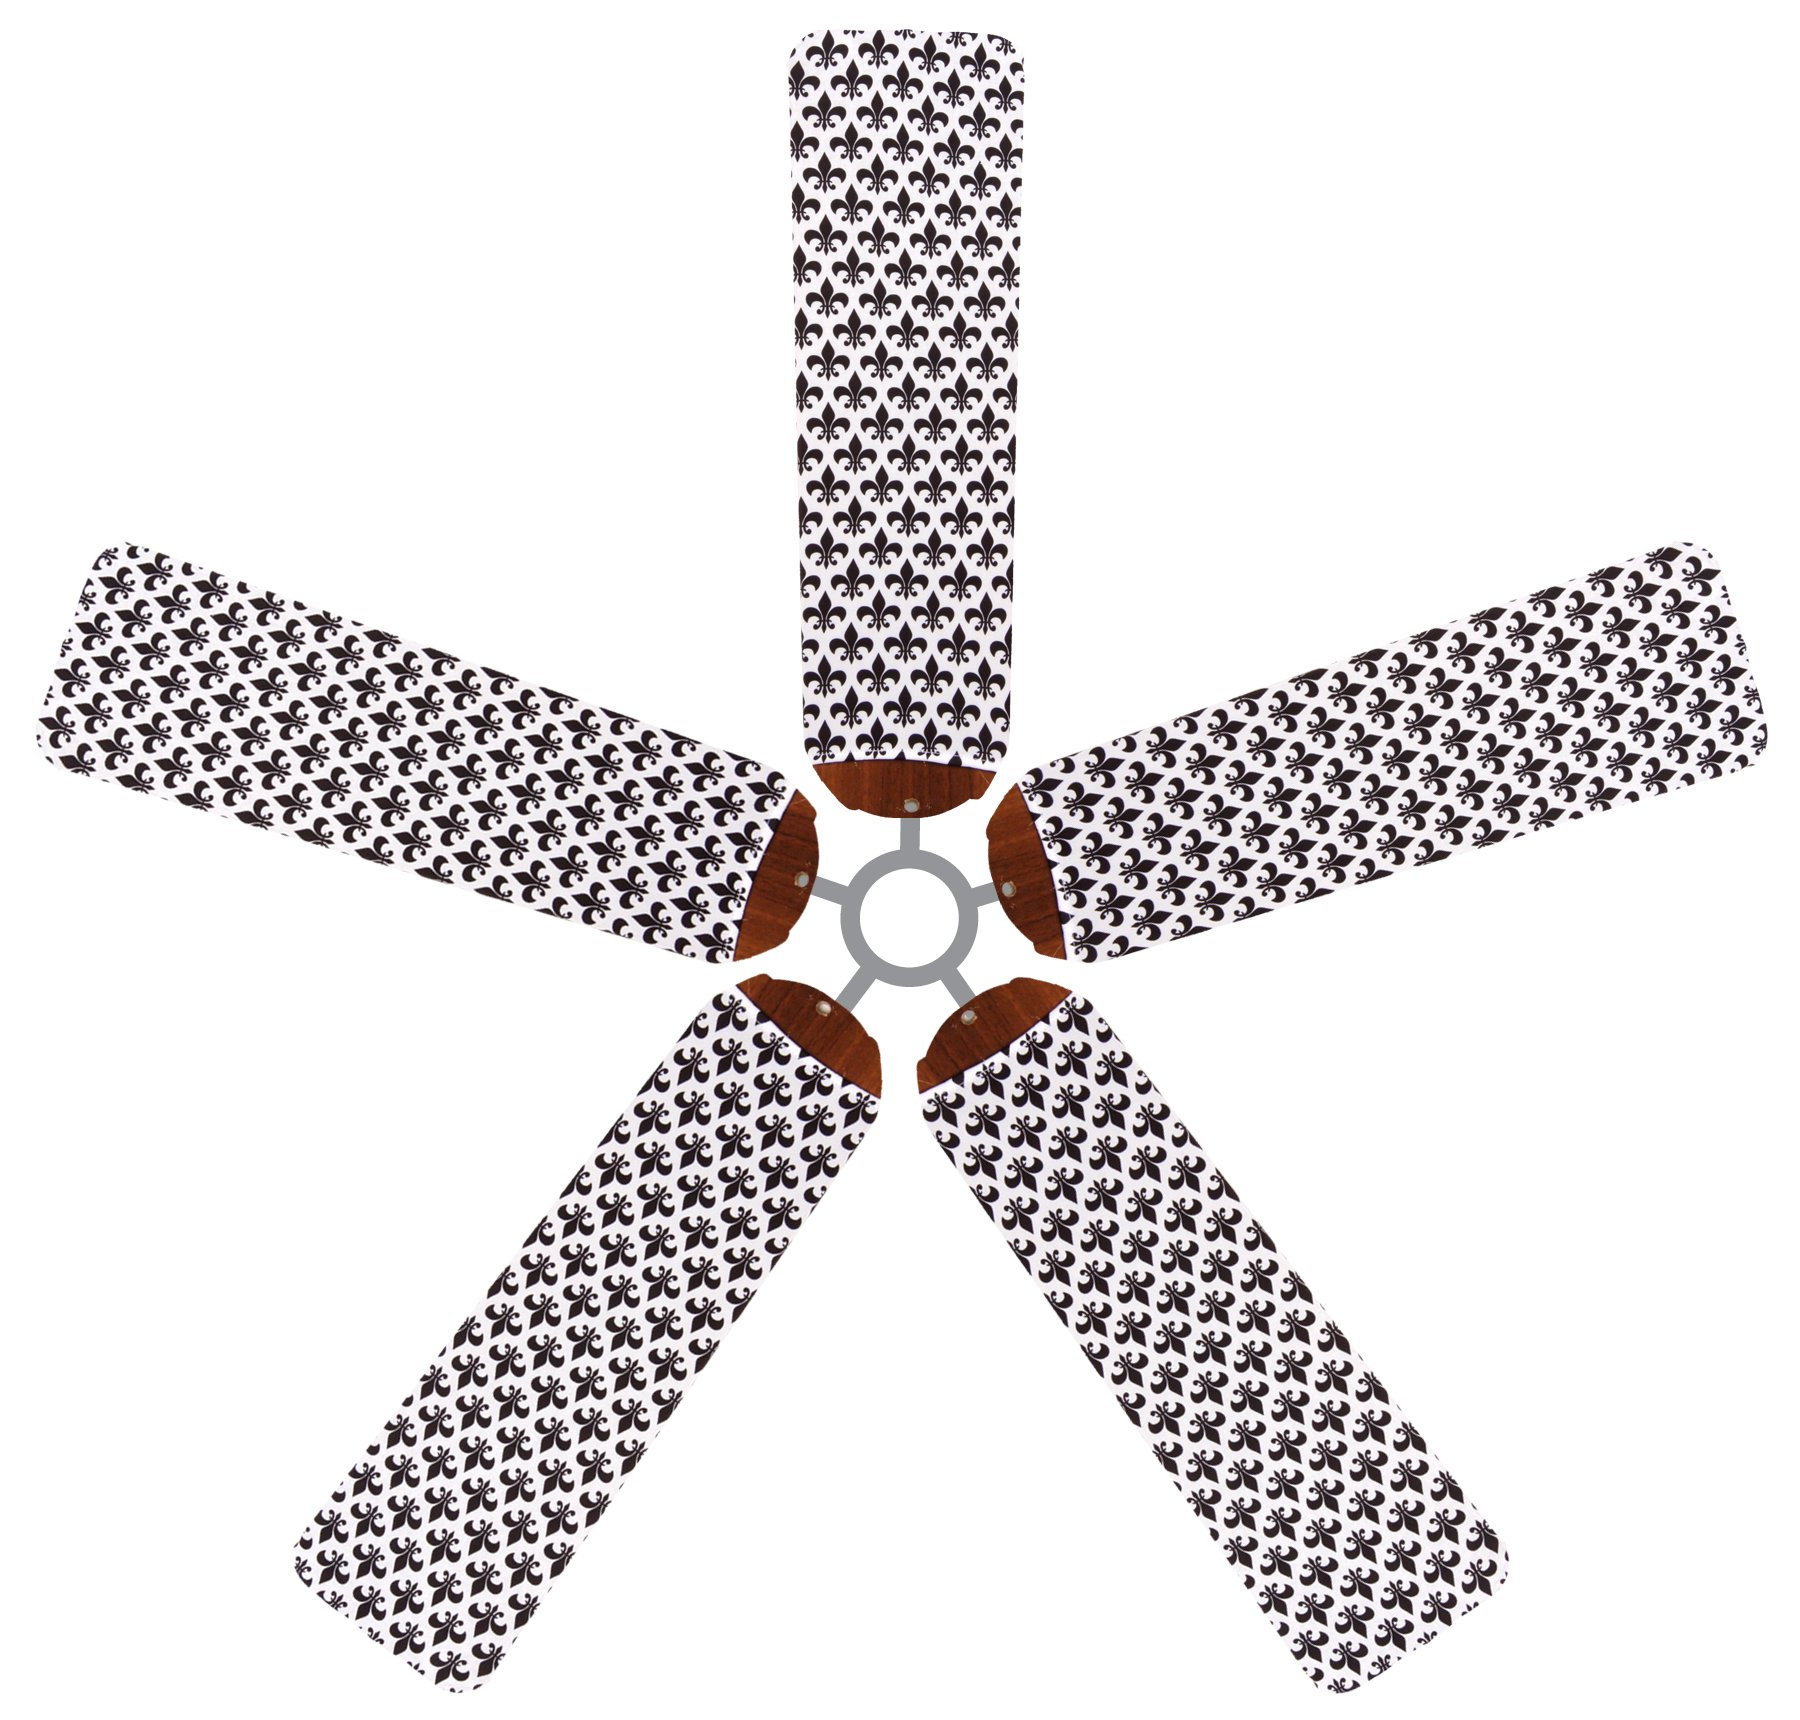 Fan Blade Designs Fleur-de-lis Ceiling Fan Blade Covers